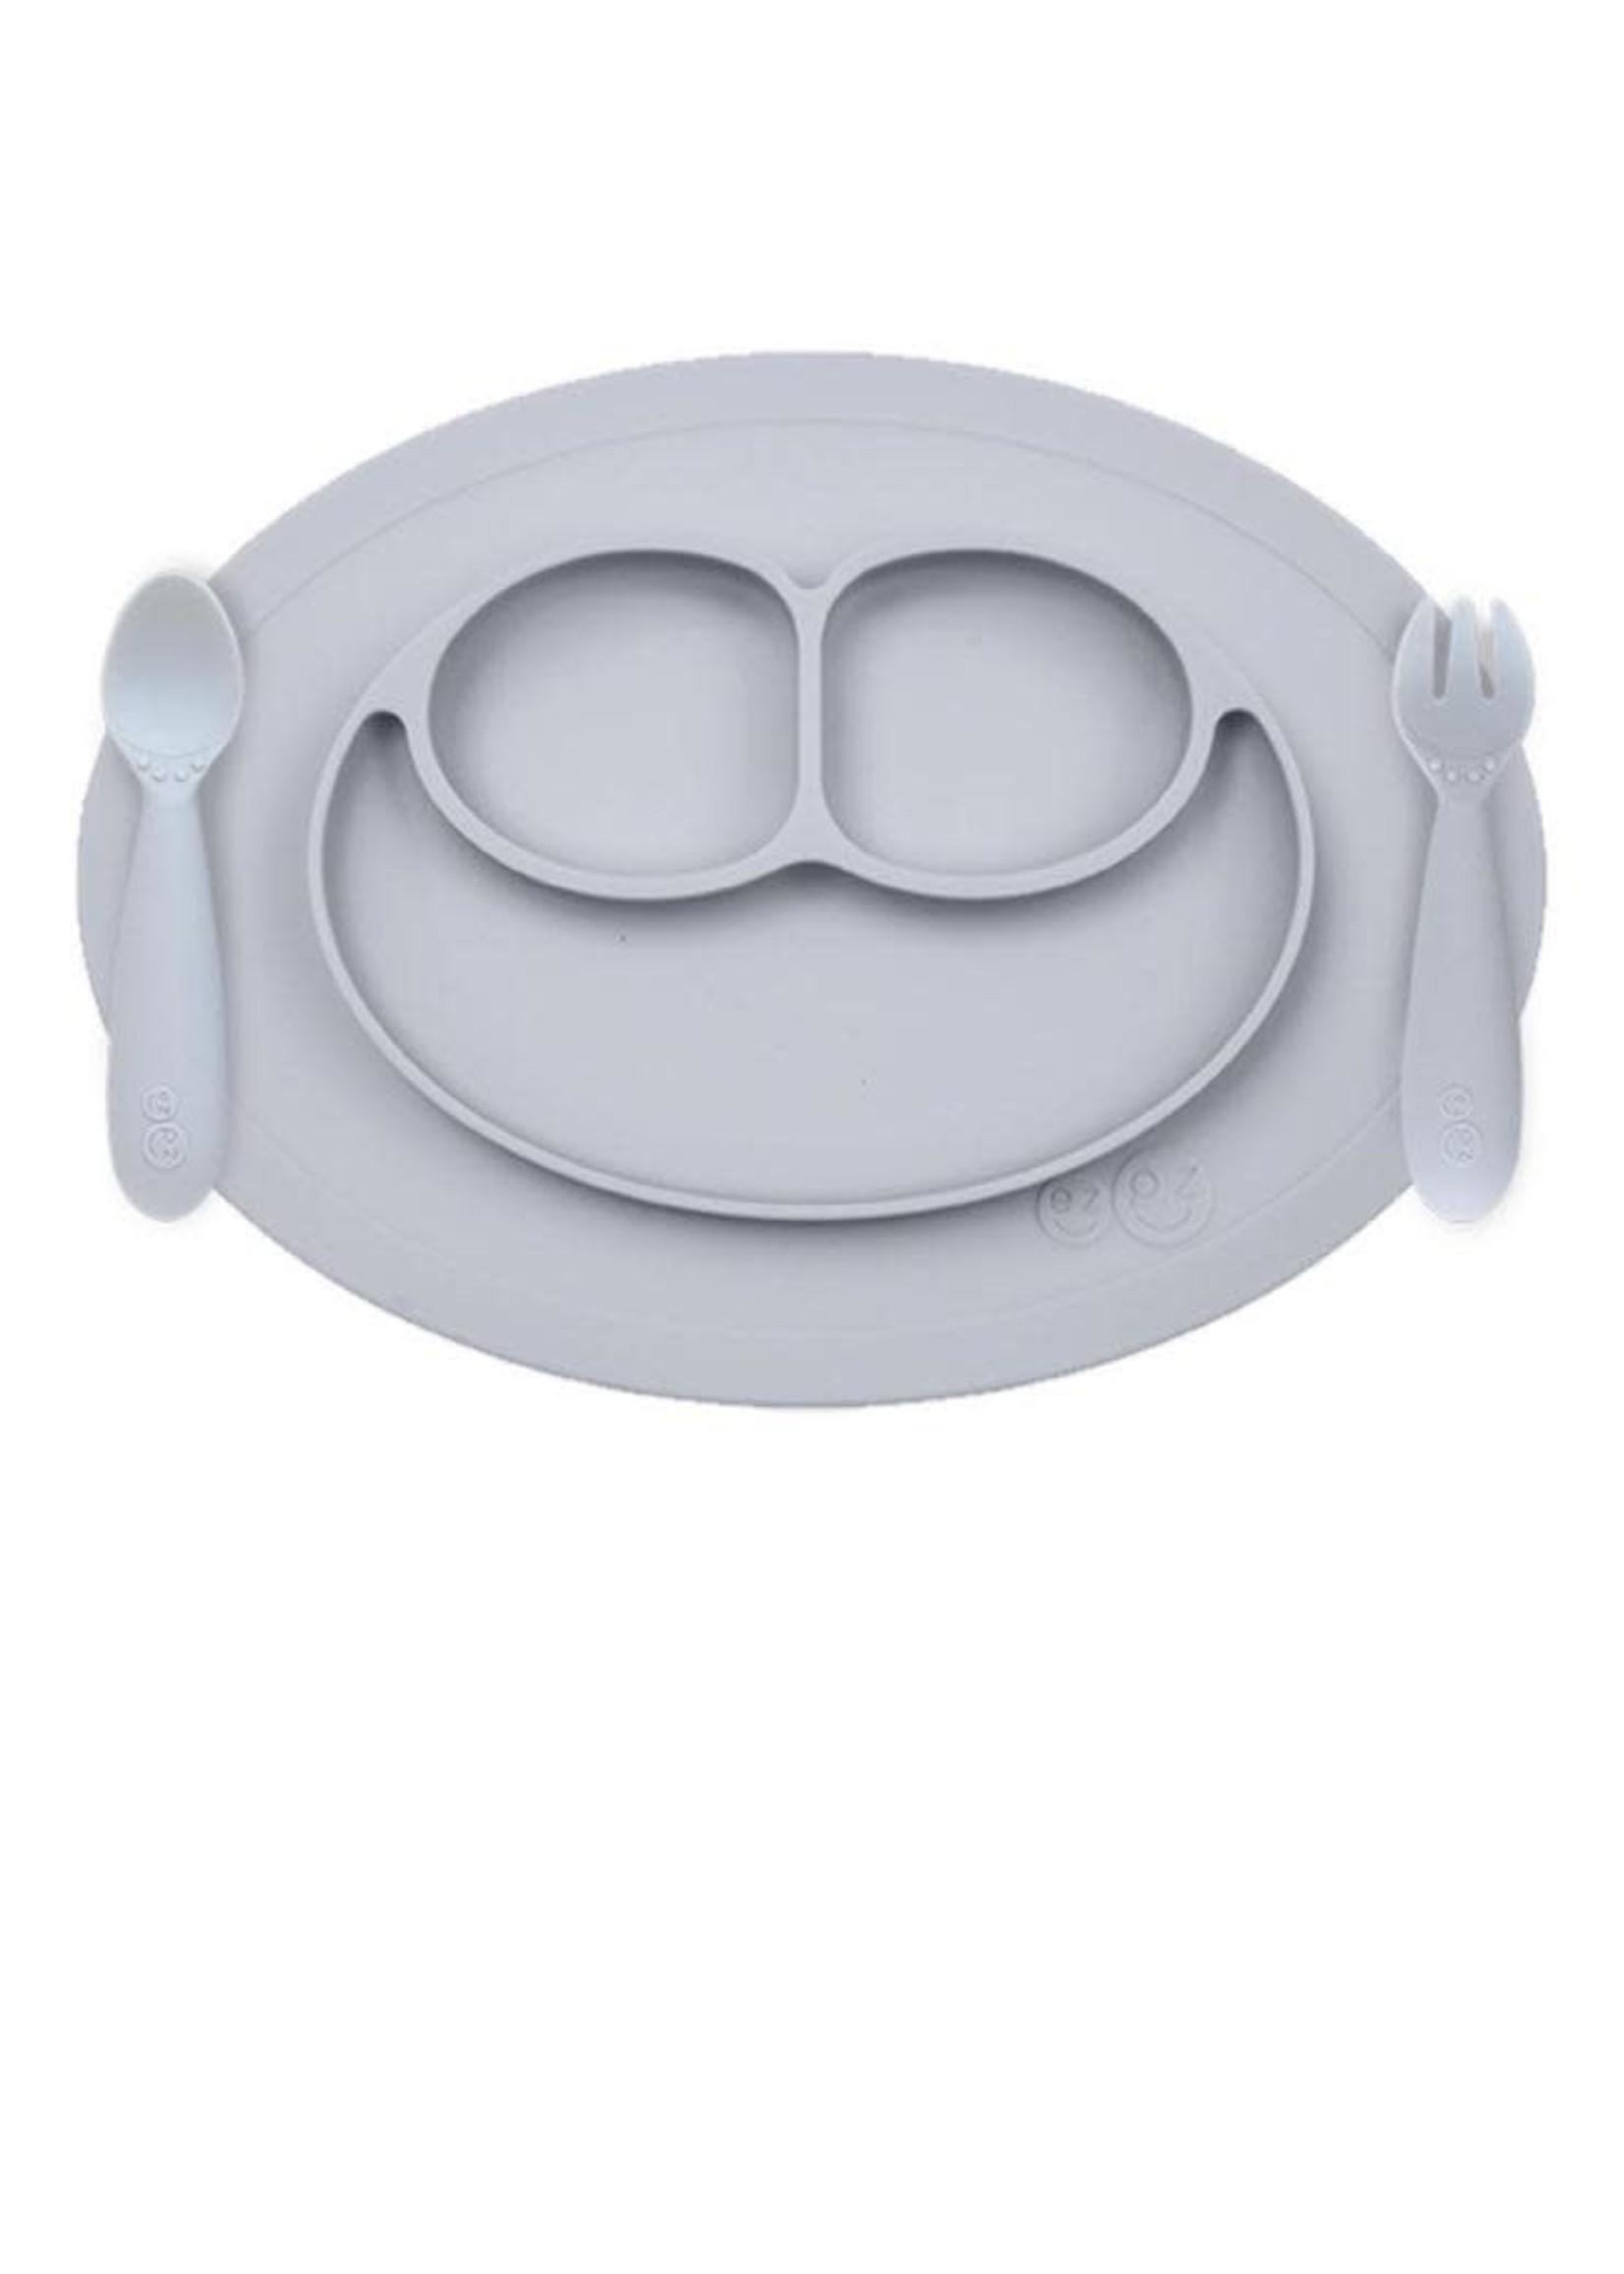 EZPZ EZPZ, Mini Feeding Set